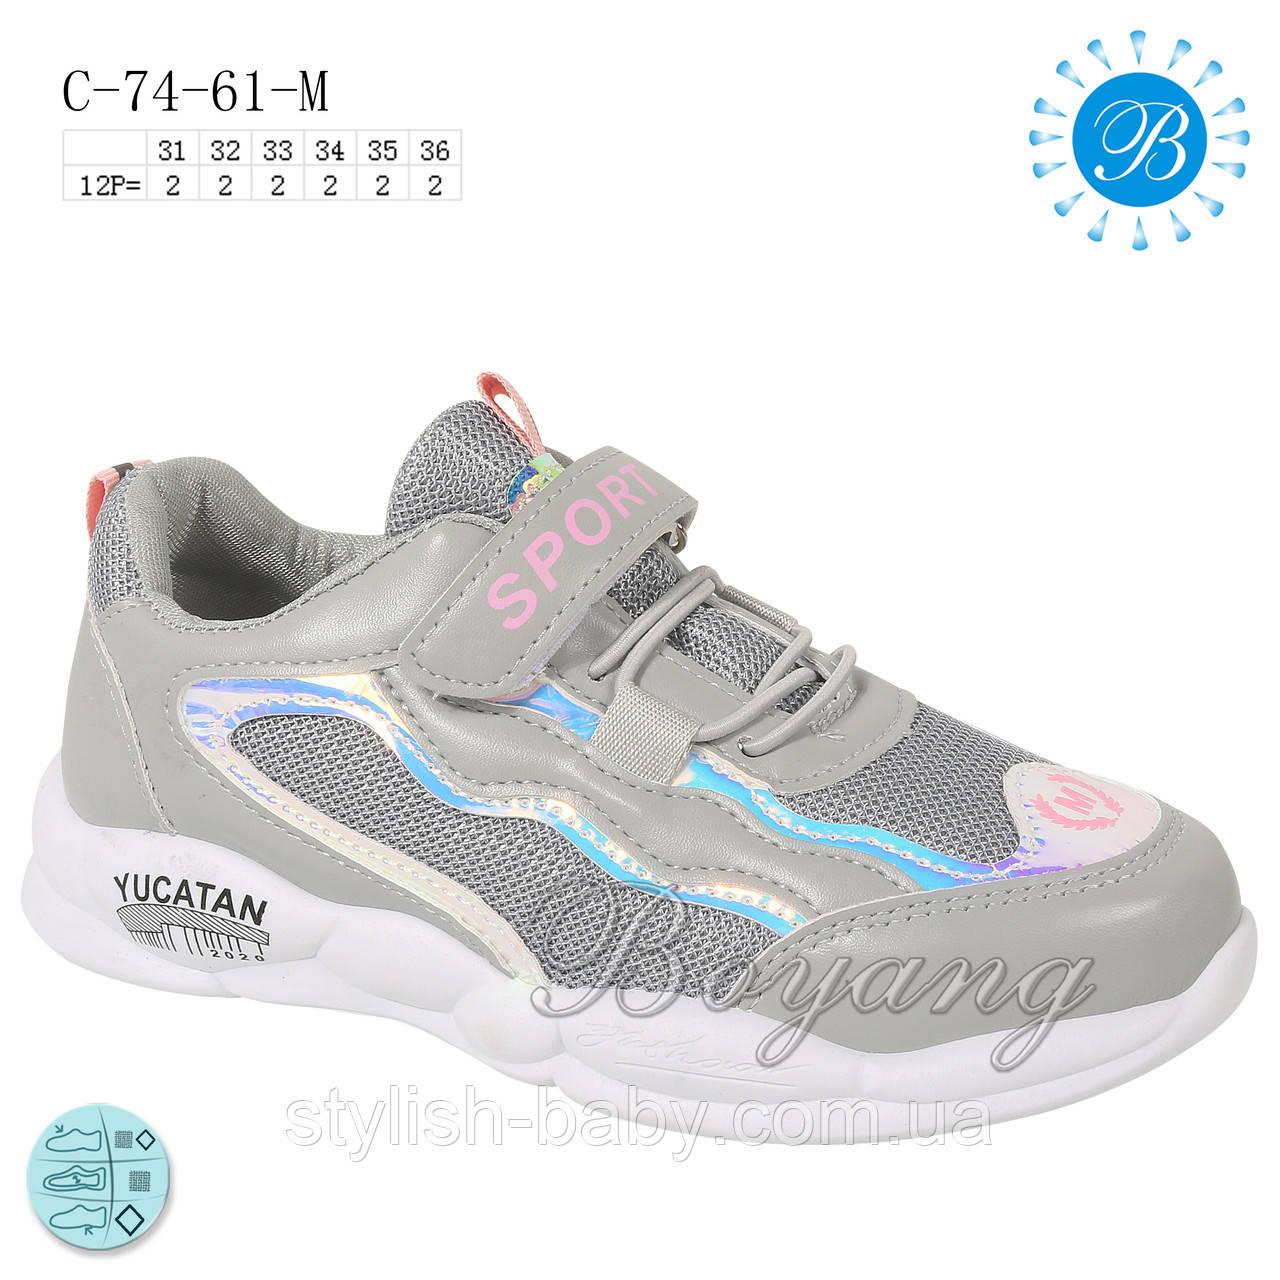 Детская обувь 2020 оптом. Детская спортивная обувь бренда Tom.m - Boyang для девочек (рр. с 31 по 36)